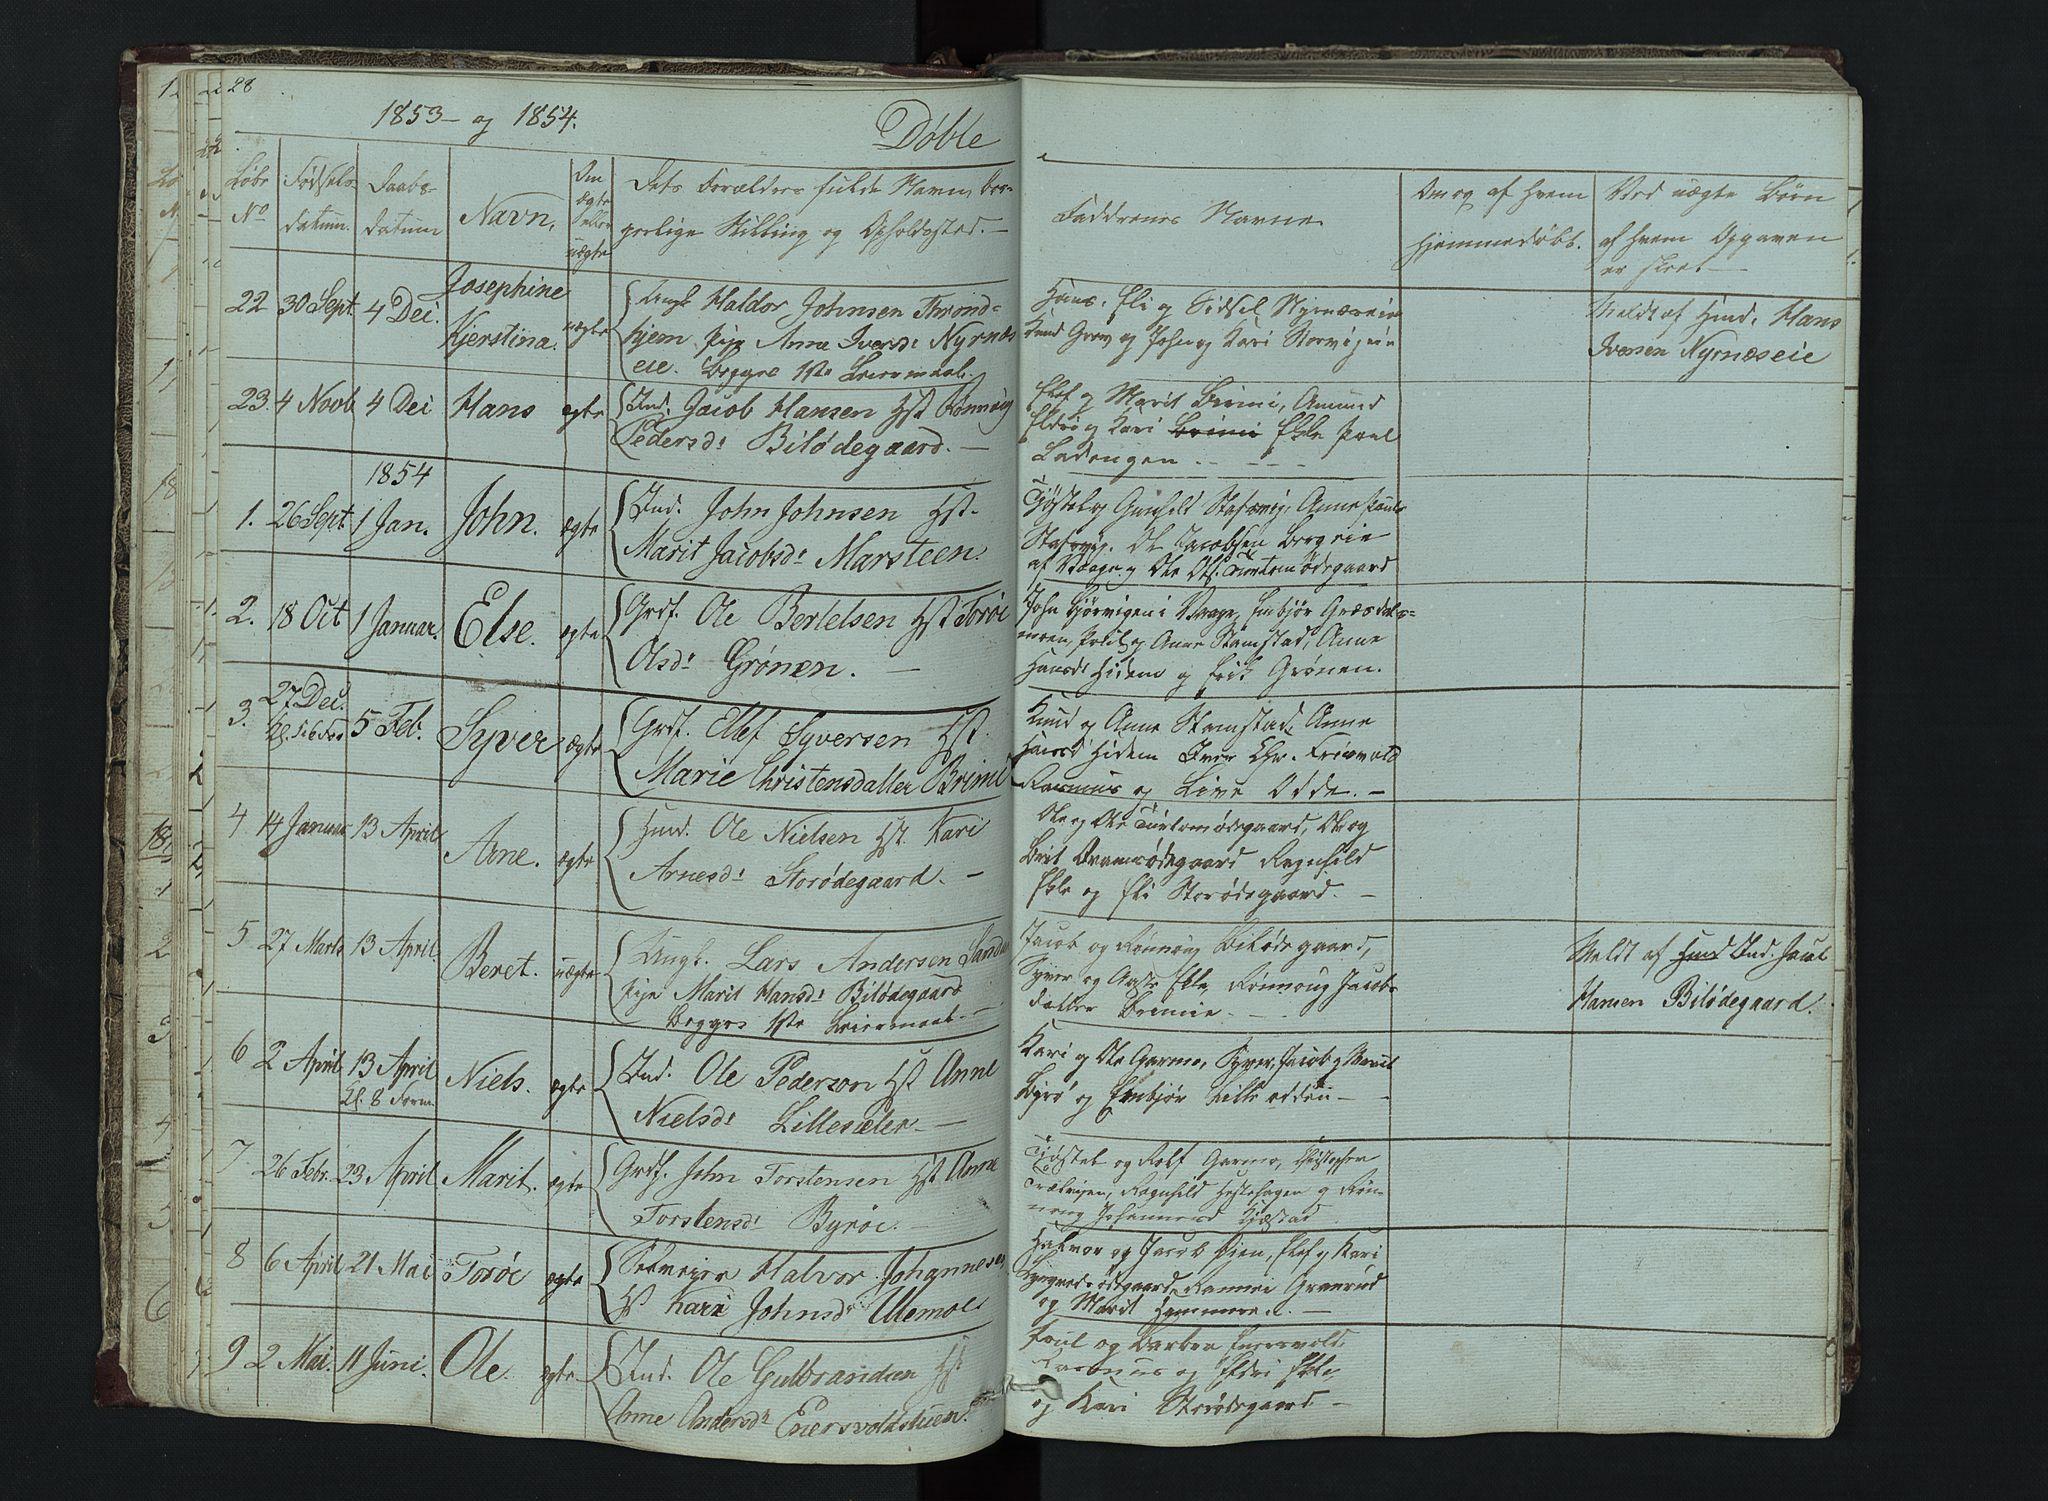 SAH, Lom prestekontor, L/L0014: Klokkerbok nr. 14, 1845-1876, s. 28-29